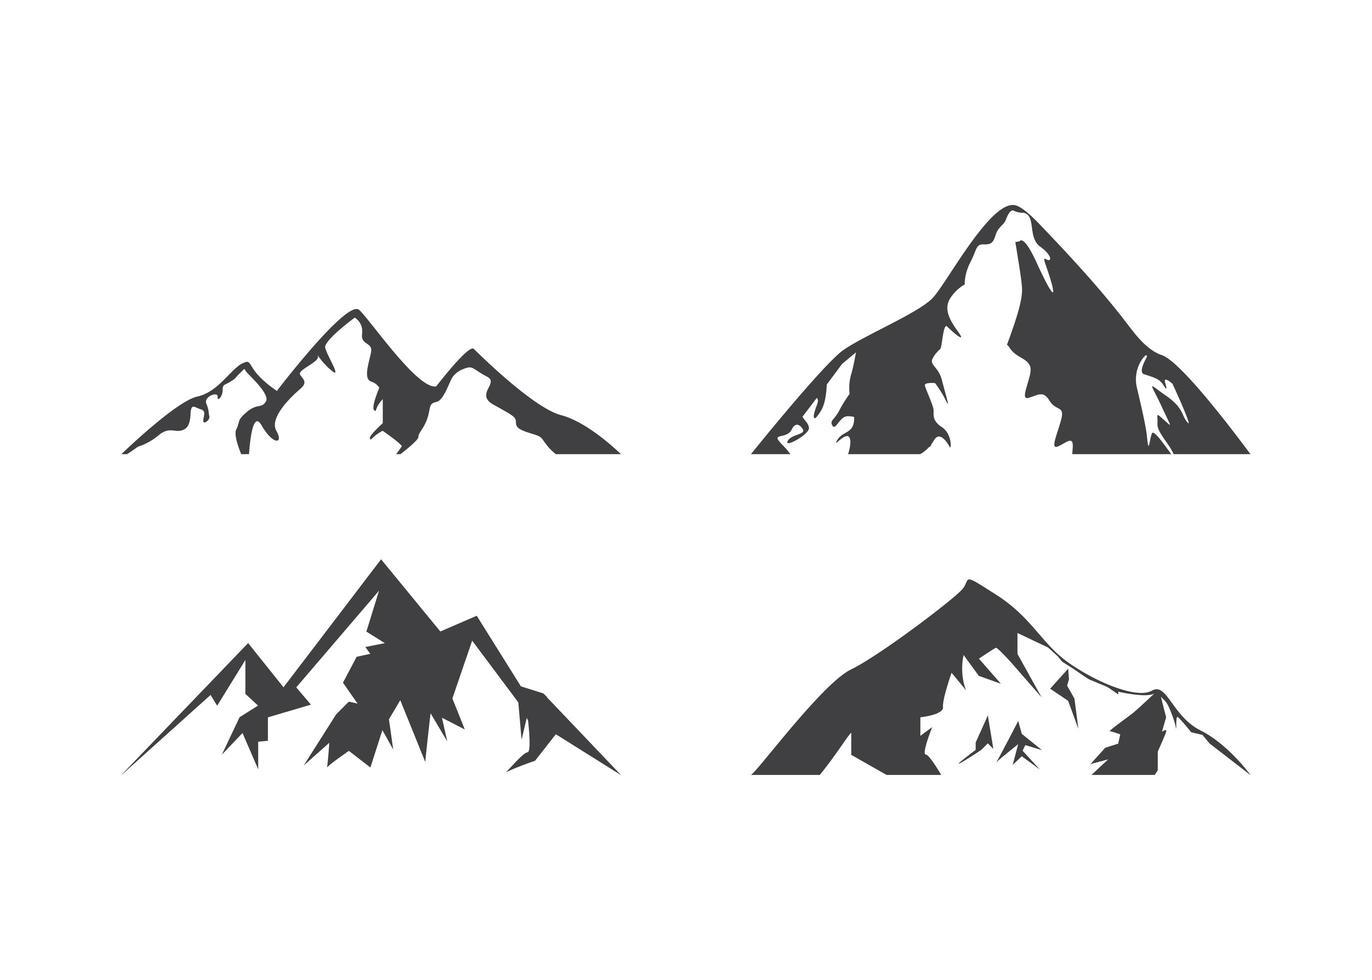 berg pictogram ontwerpsjabloon vector geïsoleerde illustratie